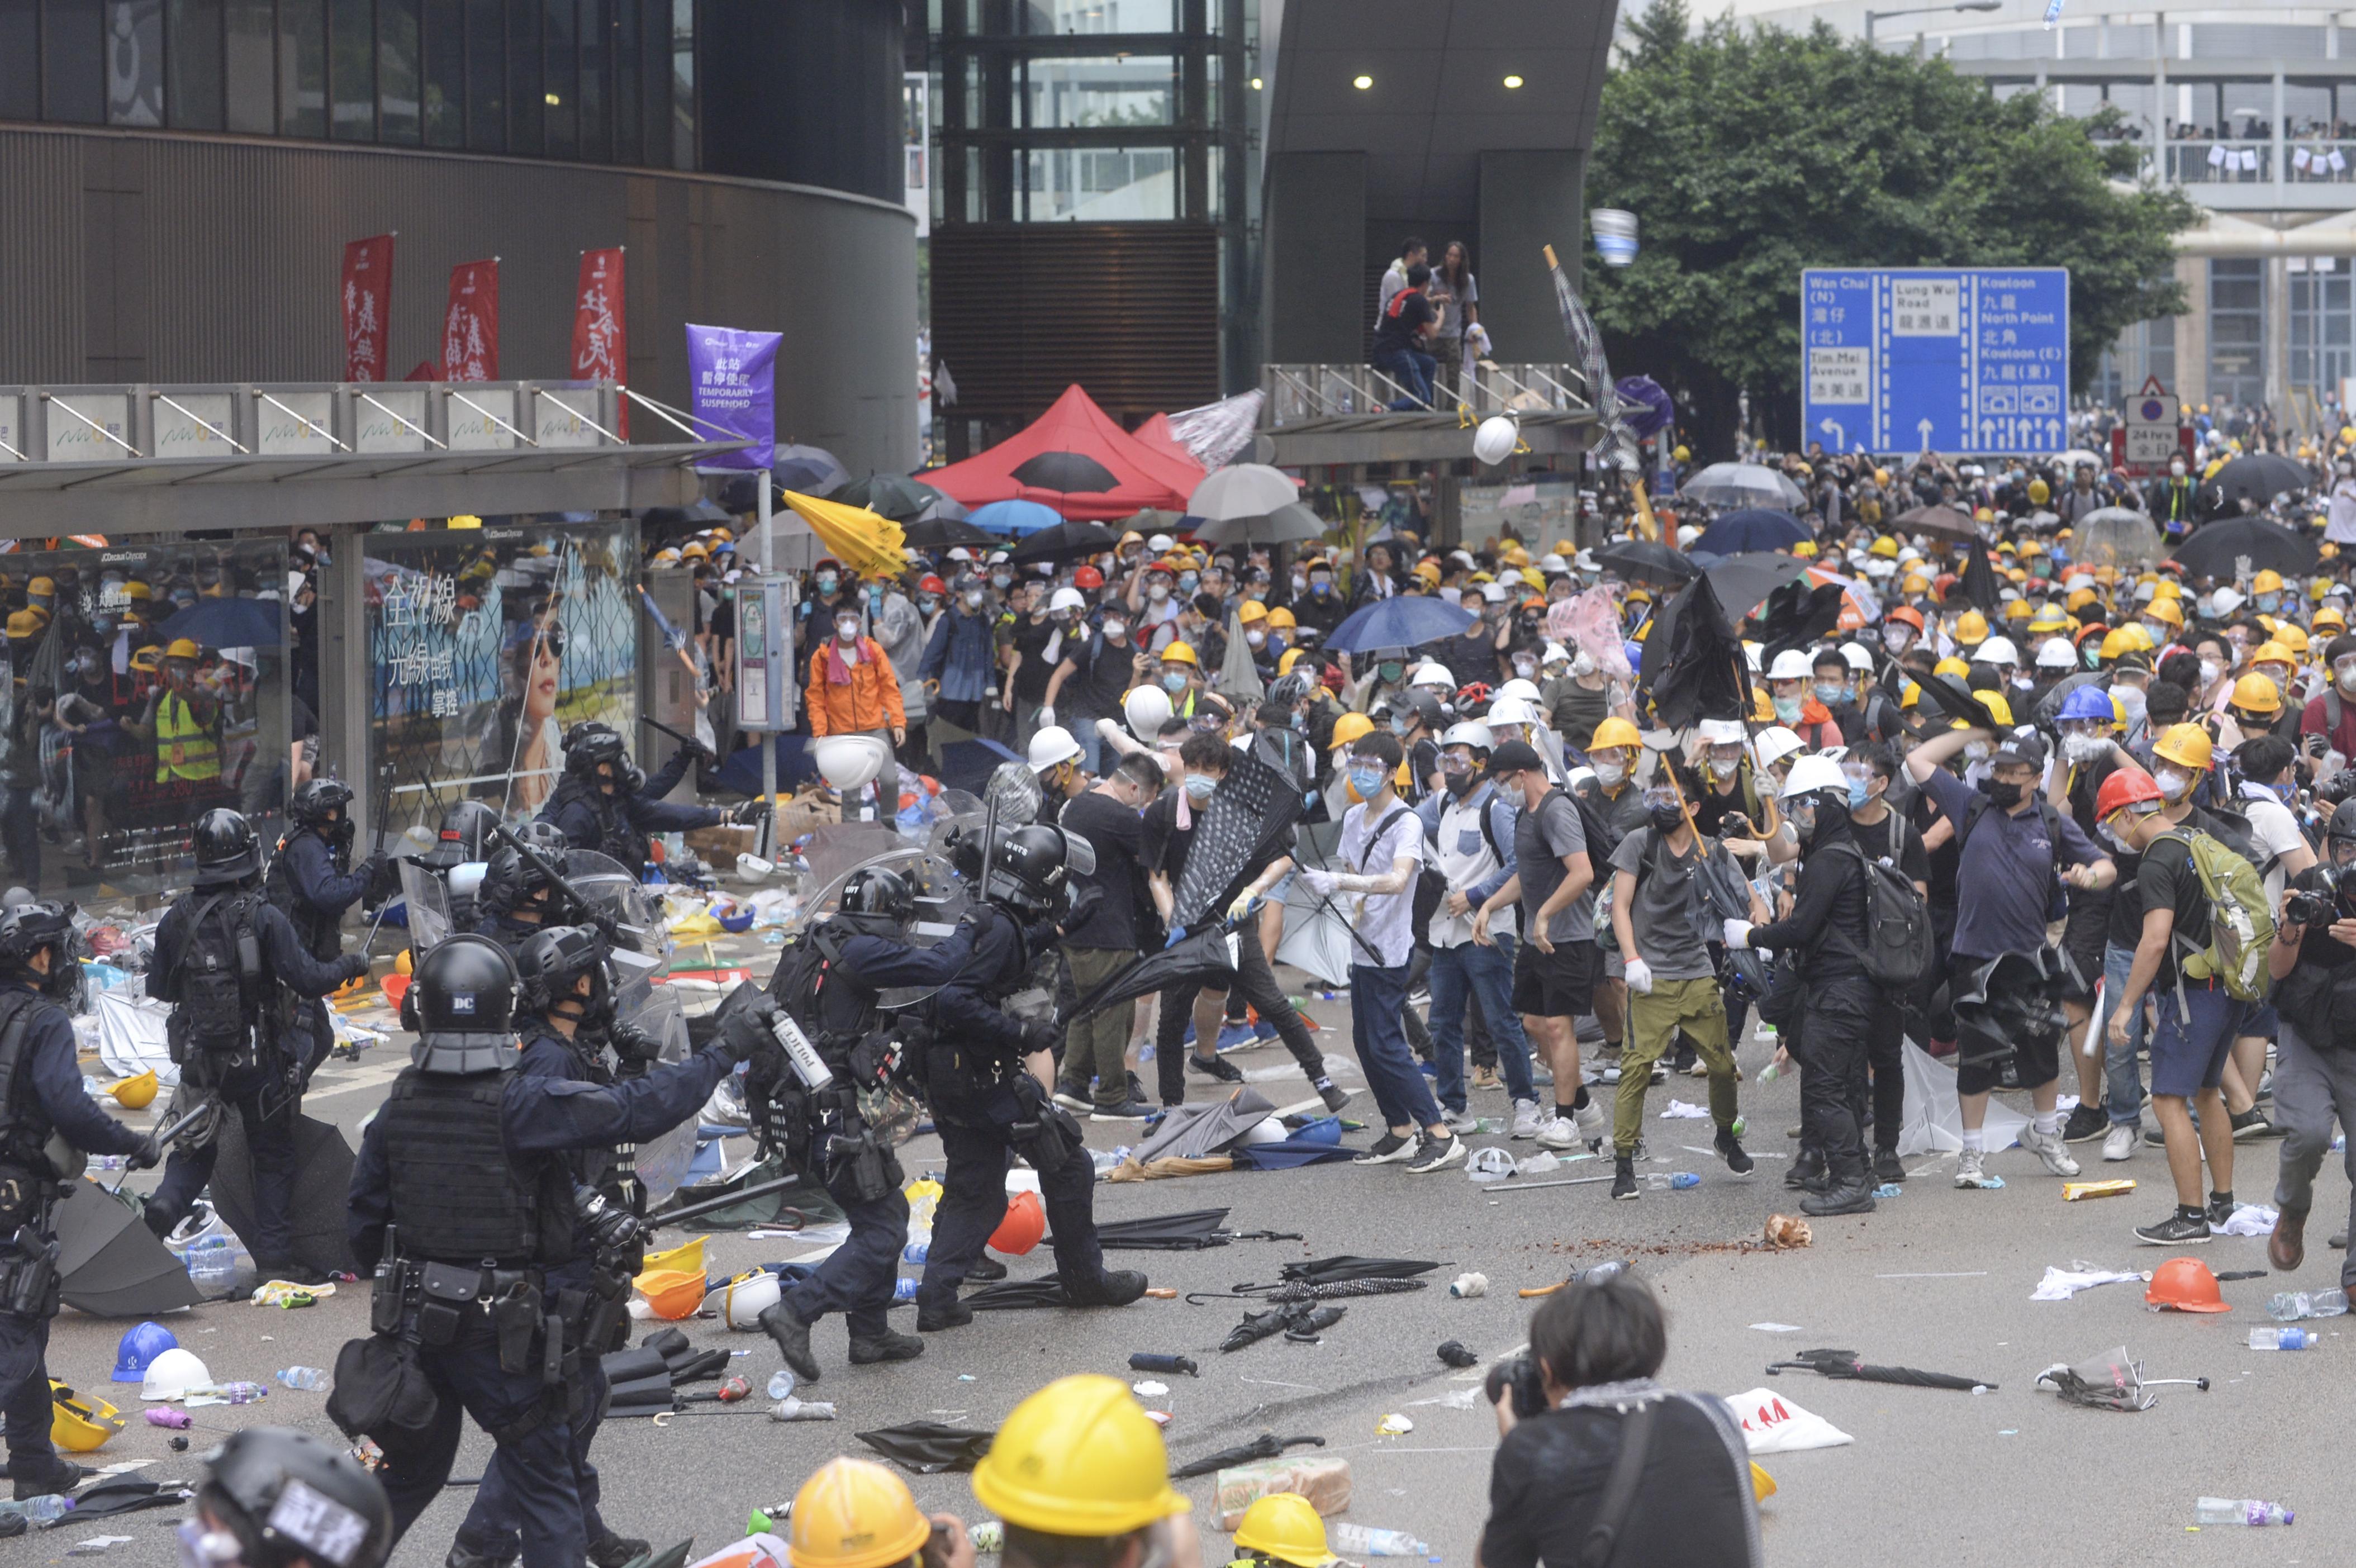 大專聯發聲明,譴責警方濫用武力。 資料圖片